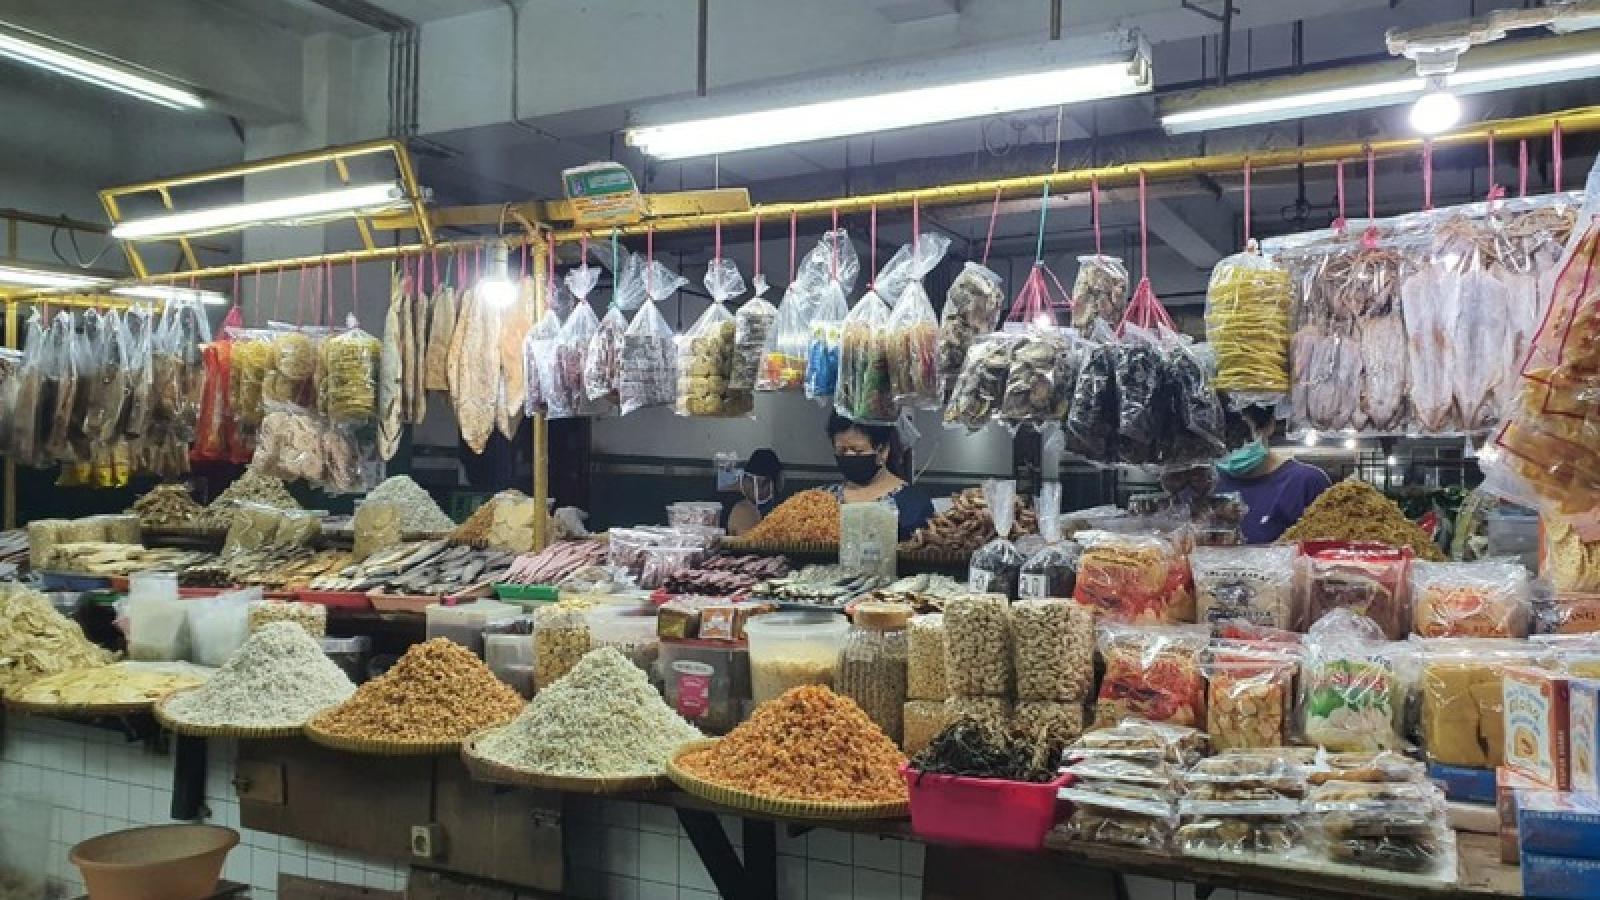 Nguy cơ lây nhiễm Covid-19 cao tại các chợ truyền thống của Indonesia